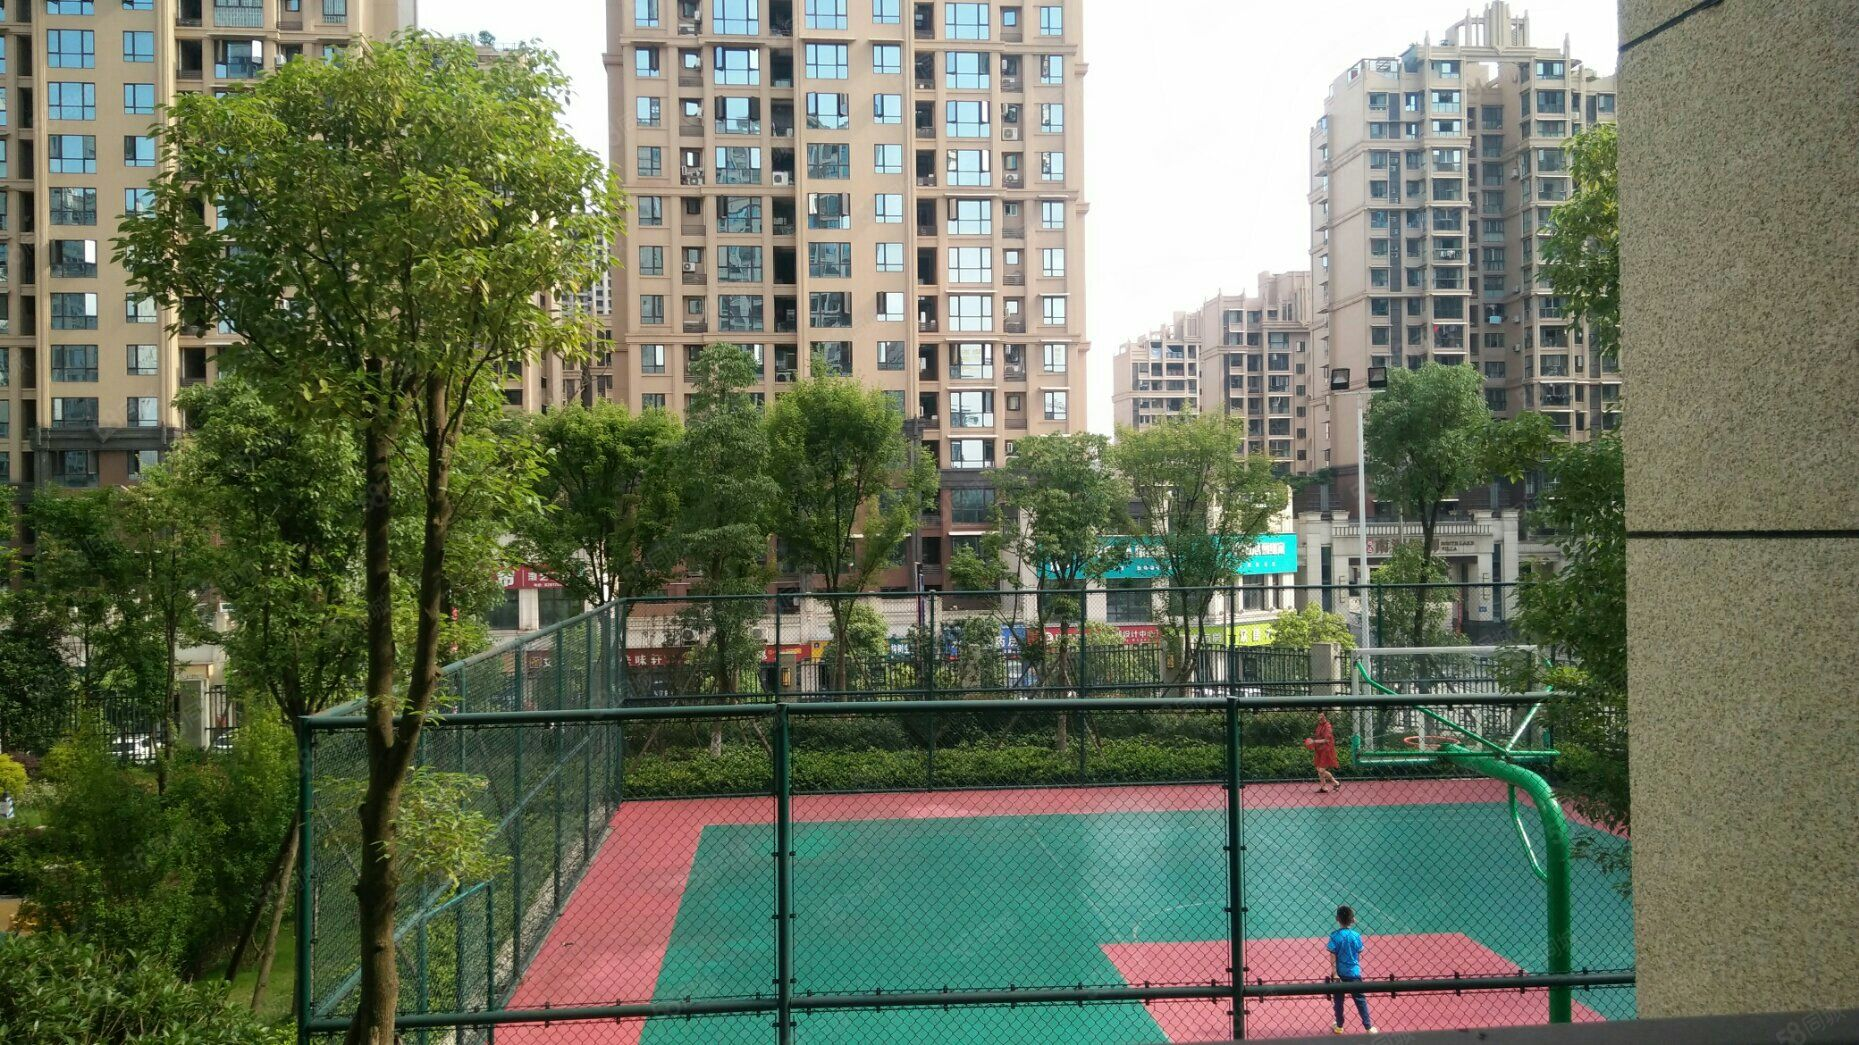 華商公園里對中庭2室2廳1衛1陽臺毛坯使用面積大樓層好